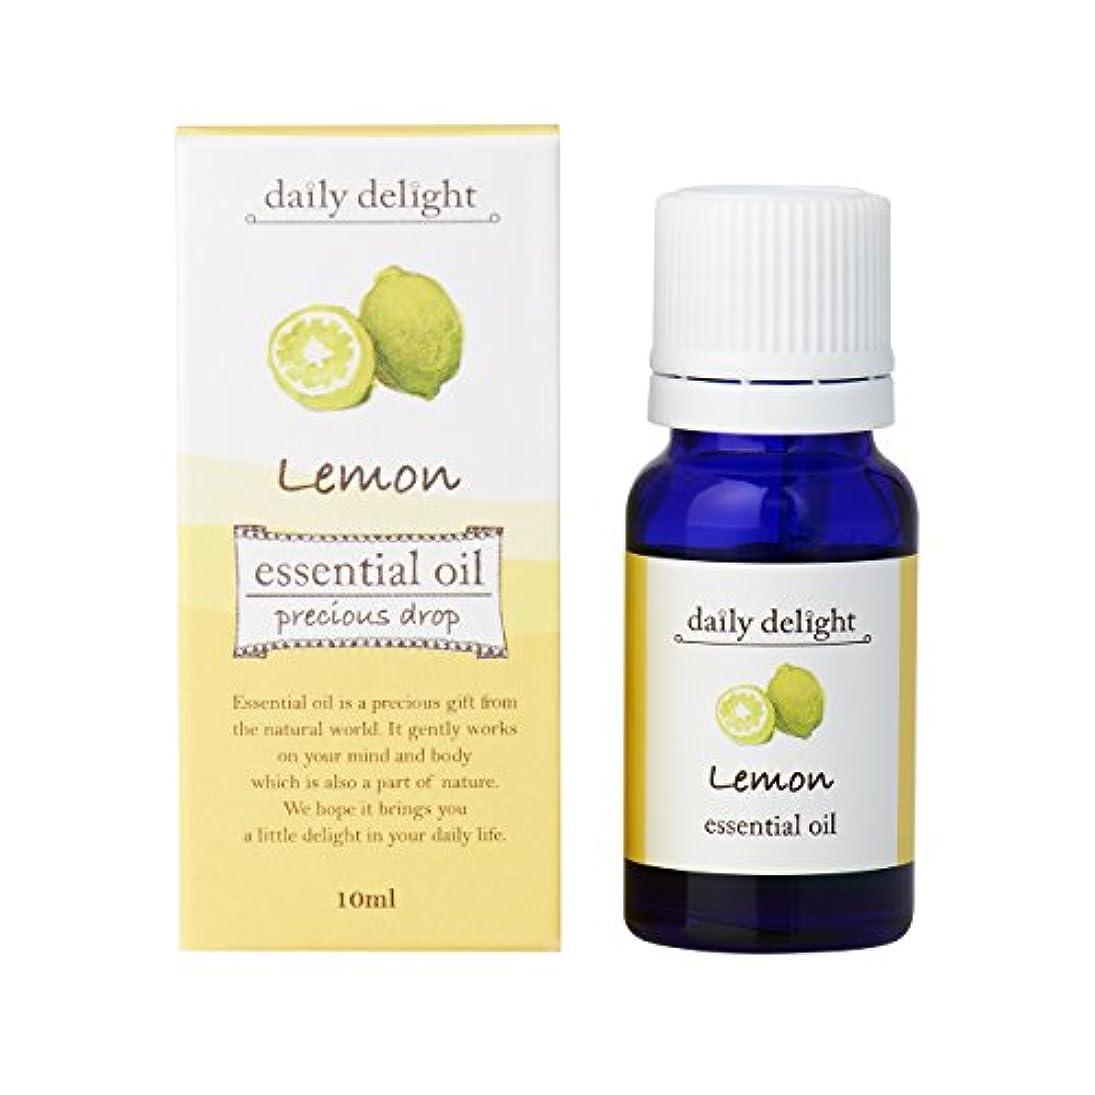 眉その他承知しましたデイリーディライト エッセンシャルオイル  レモン 10ml(天然100% 精油 アロマ 柑橘系 さっぱりして気分転換におすすめの香り)